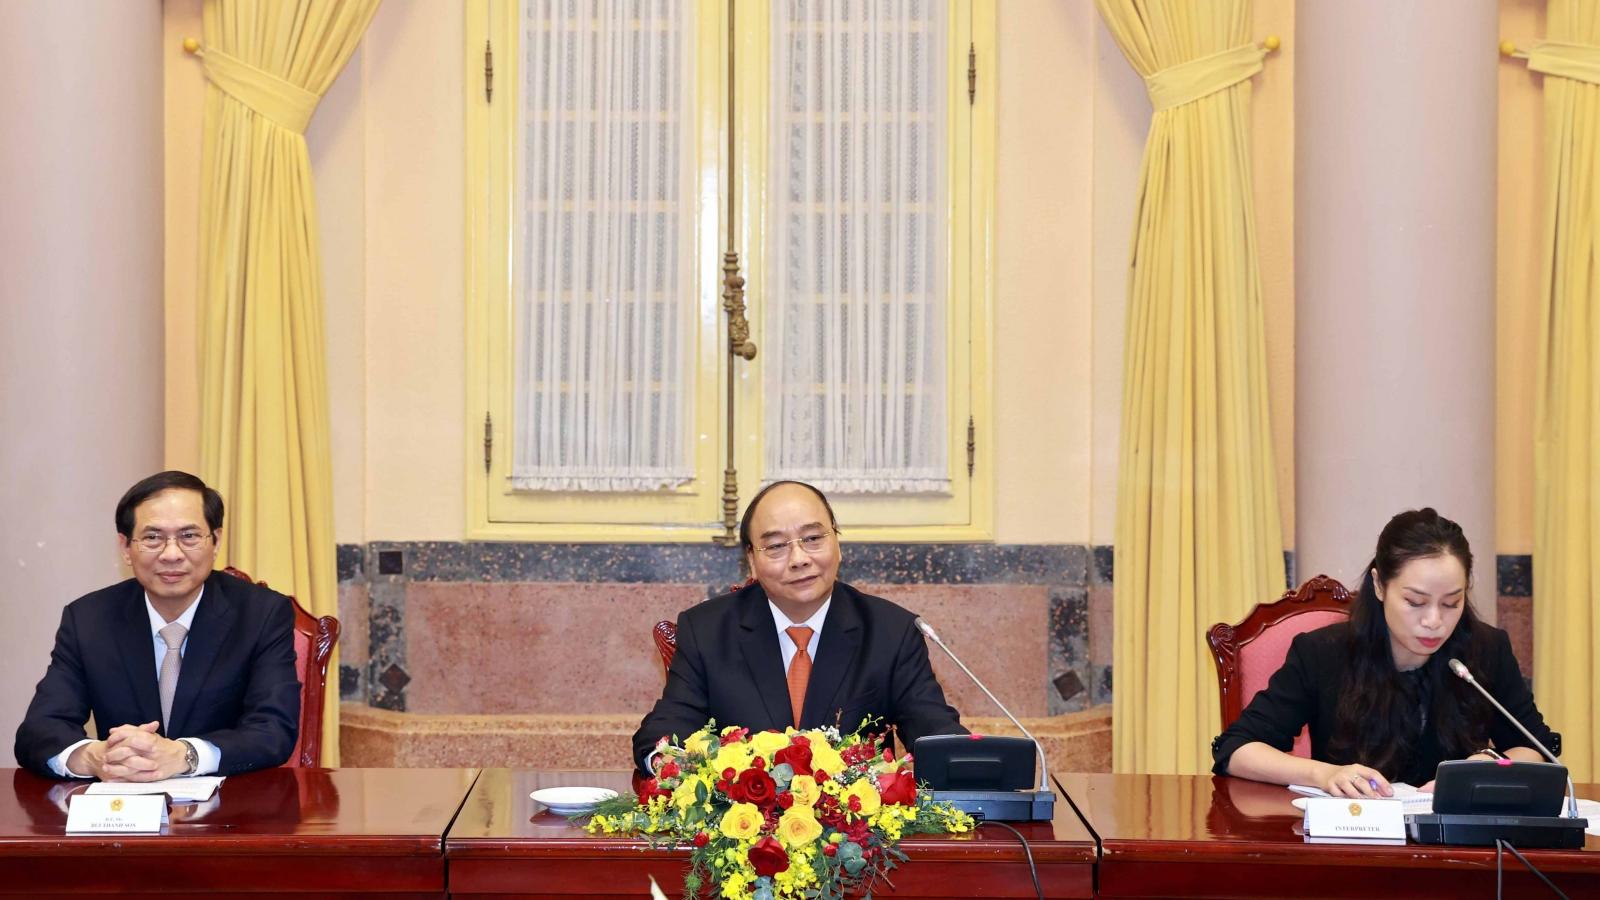 Chủ tịch nước Nguyễn Xuân Phúc tiếp Đại sứ, Đại biện ASEAN